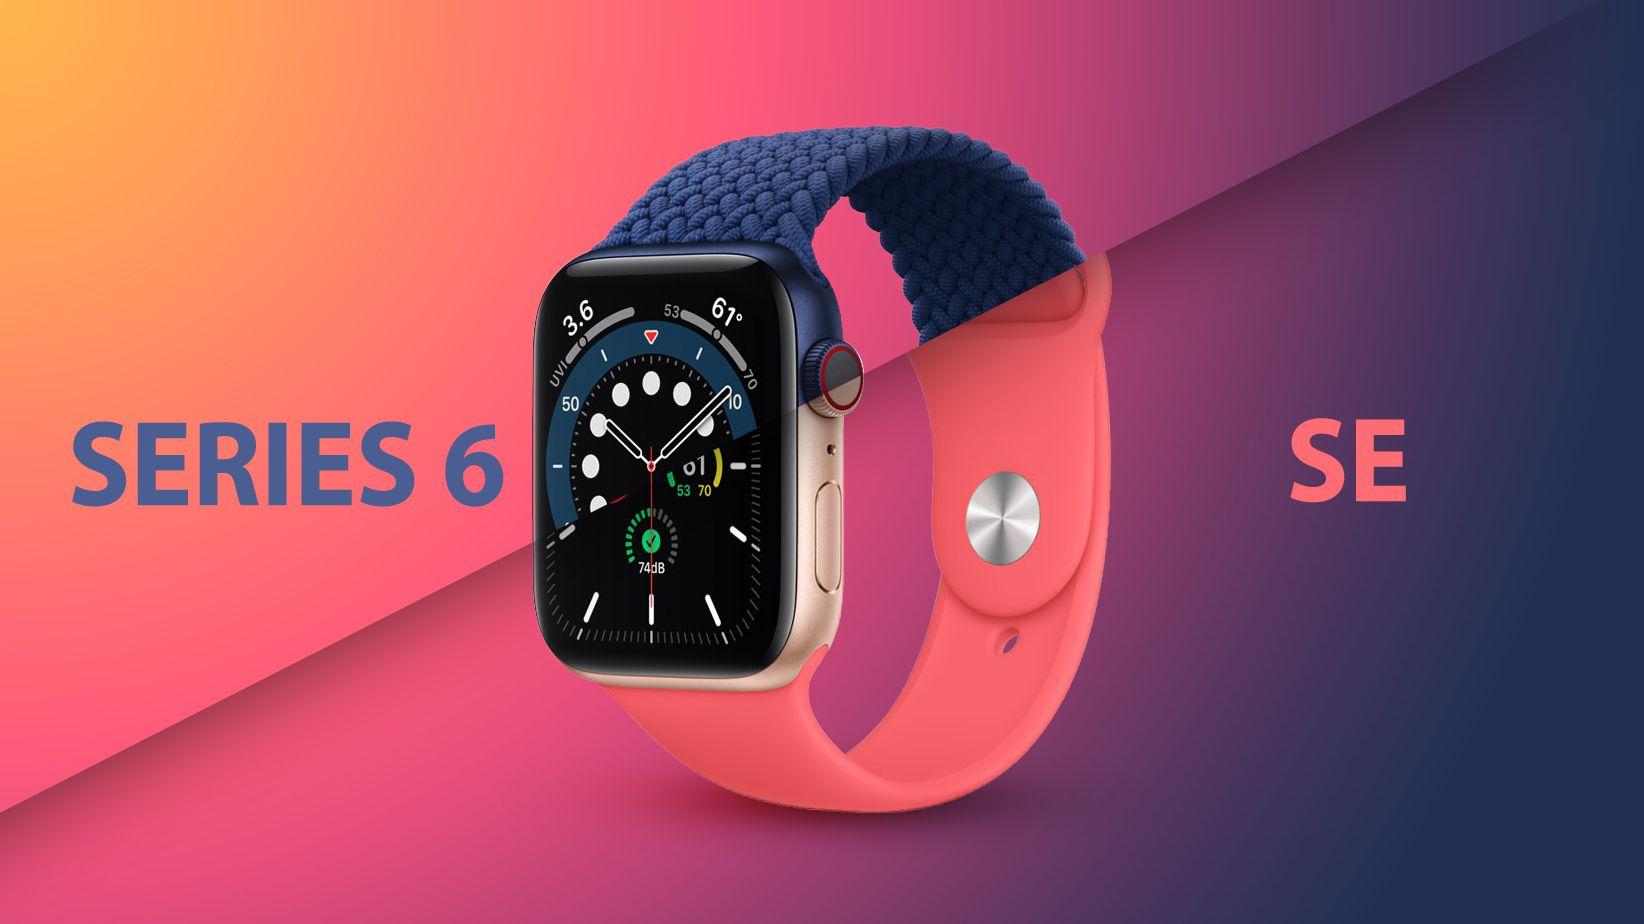 Apple Watch Series 6 Vs Apple Watch Se Buyer S Guide Macrumors